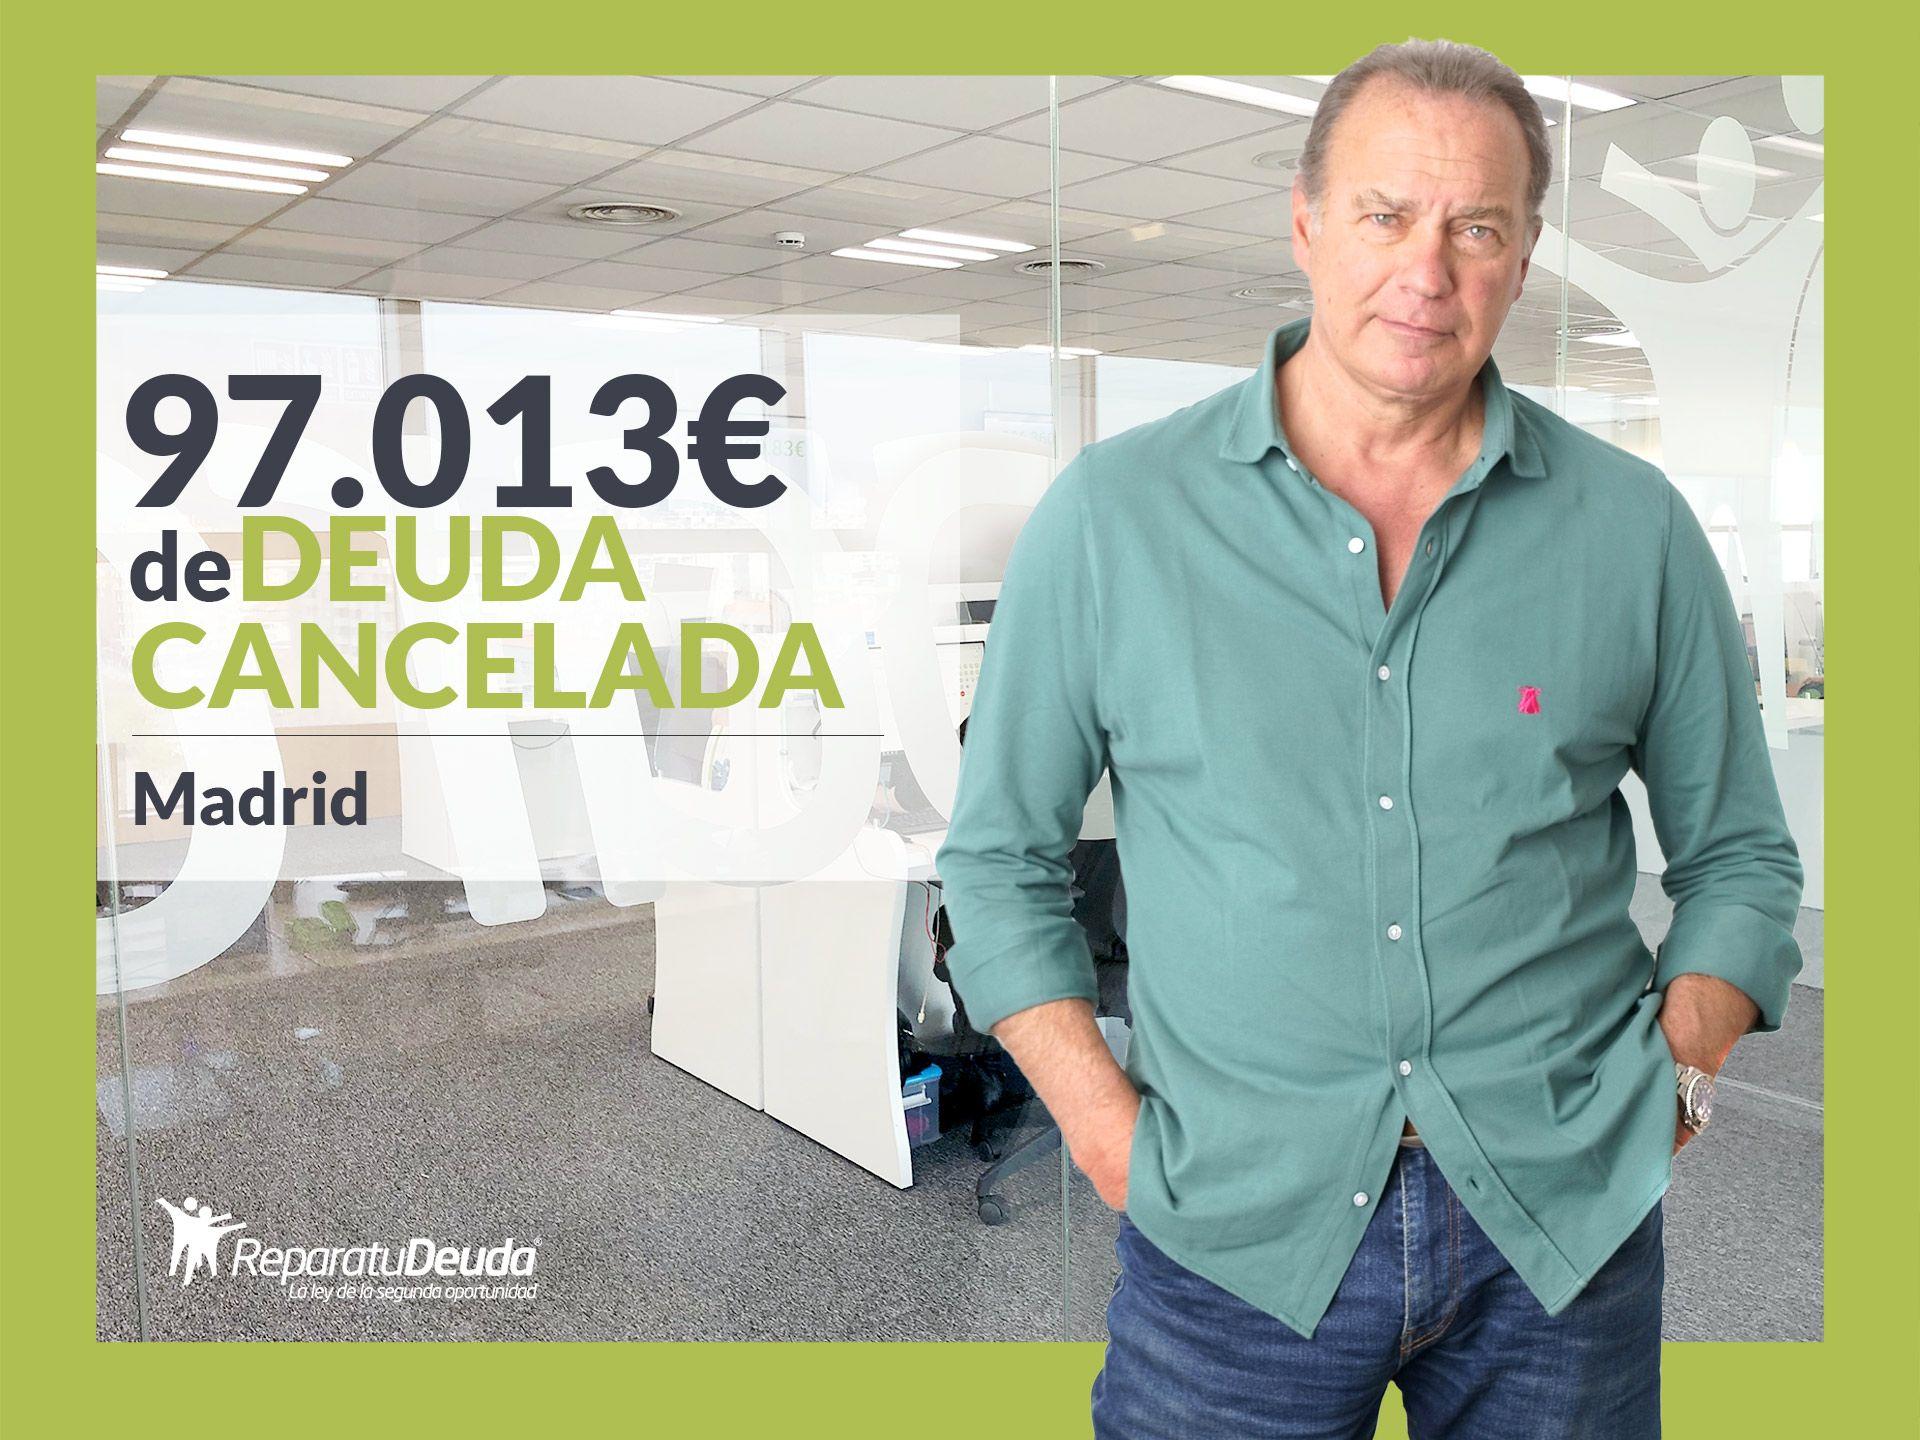 Repara tu Deuda Abogados cancela 97.013 ? a un matrimonio de Madrid con la Ley de Segunda Oportunidad